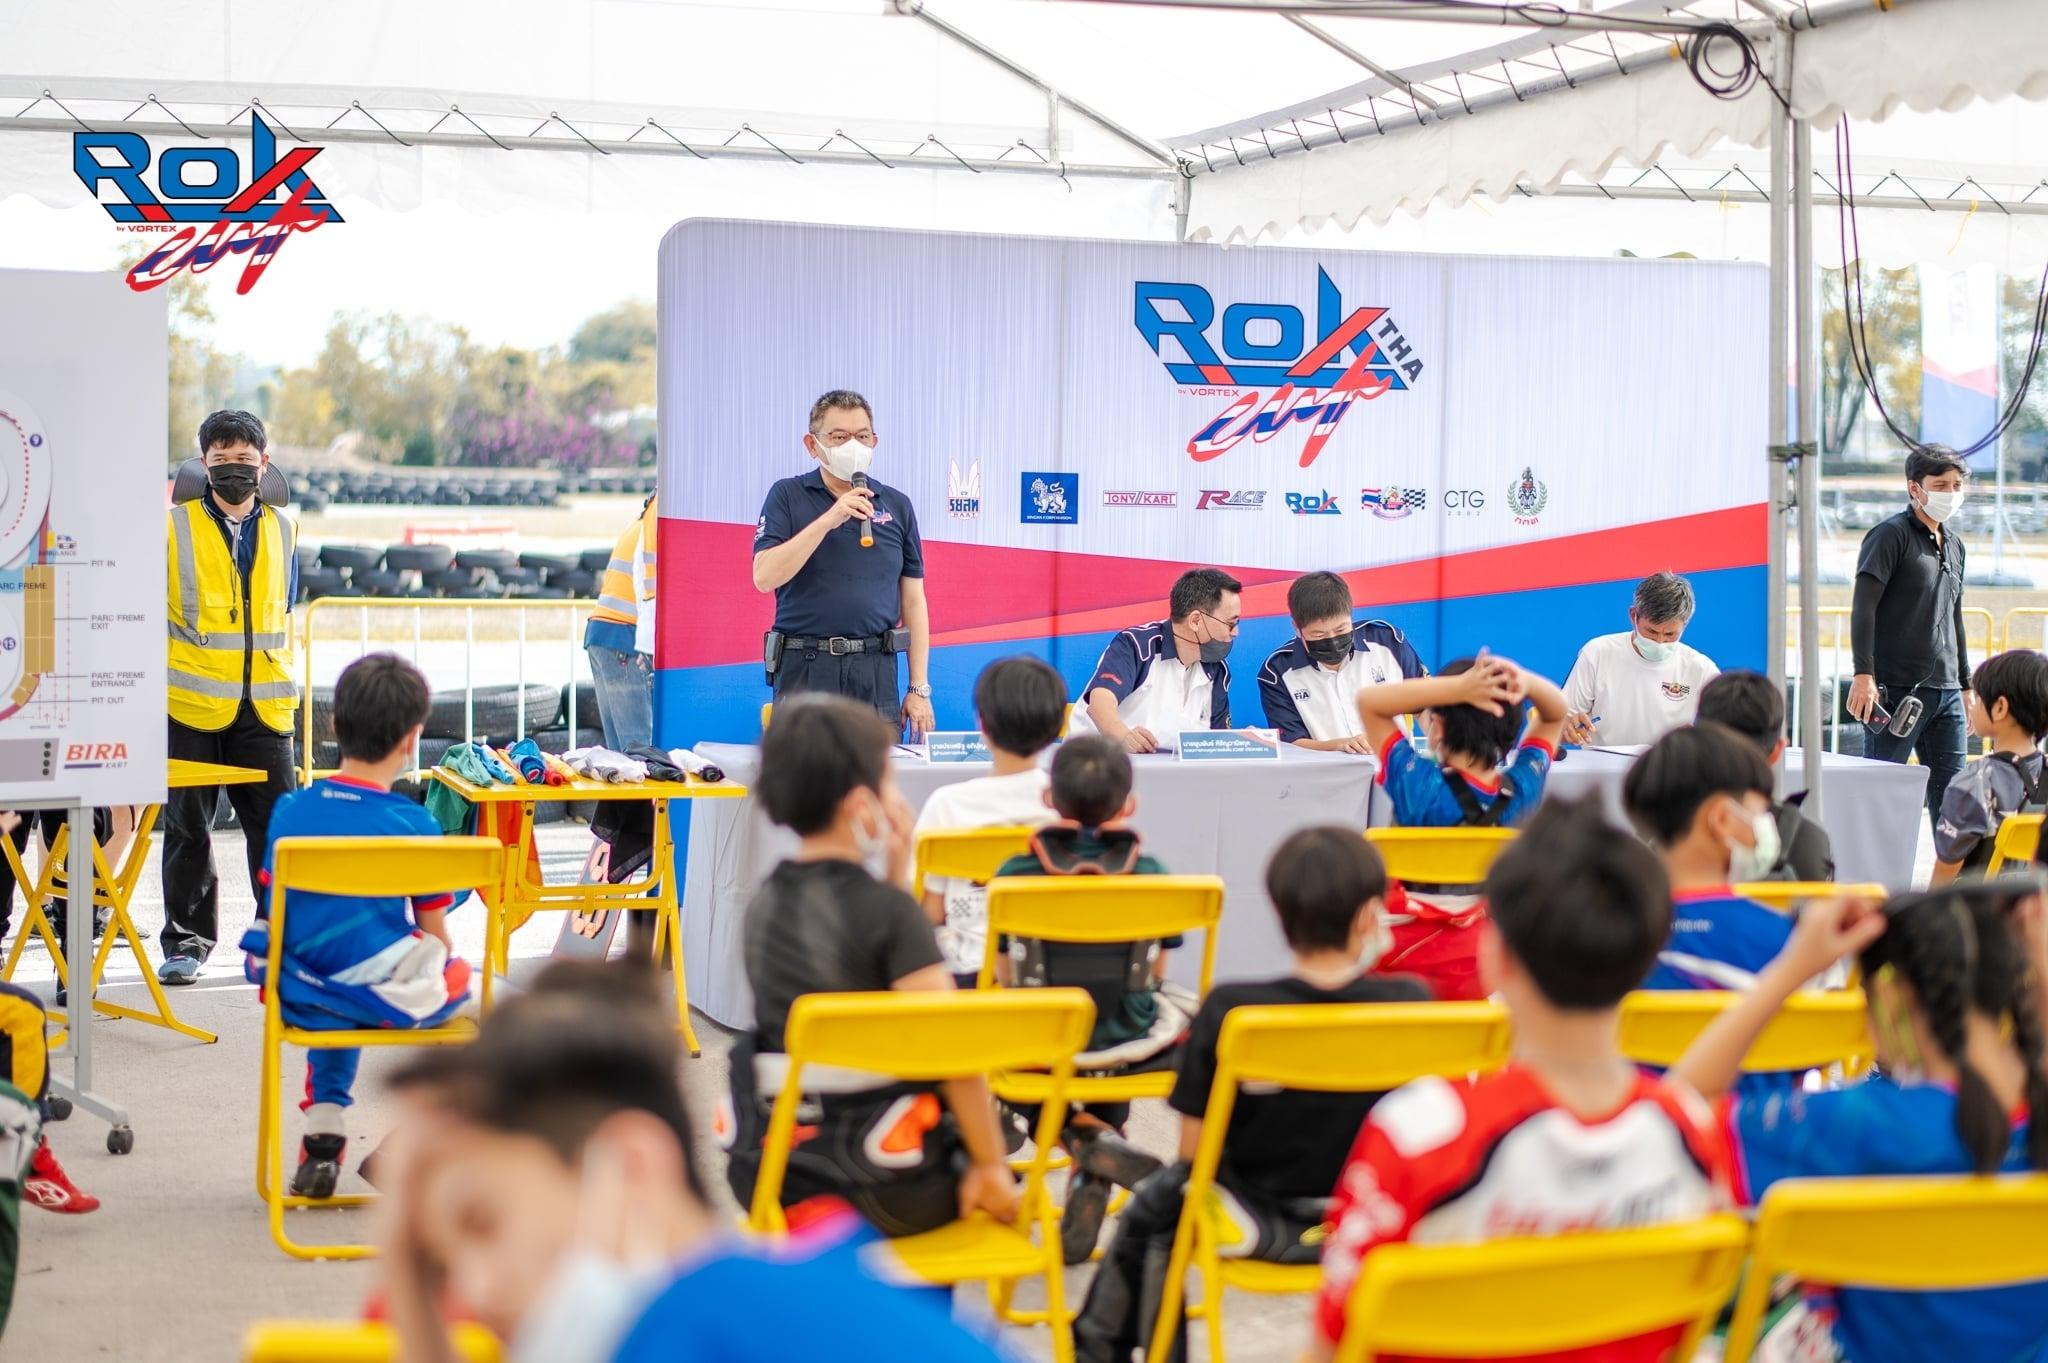 ROUND 1 : ROK CUP THAILAND 2021 AT BIRA